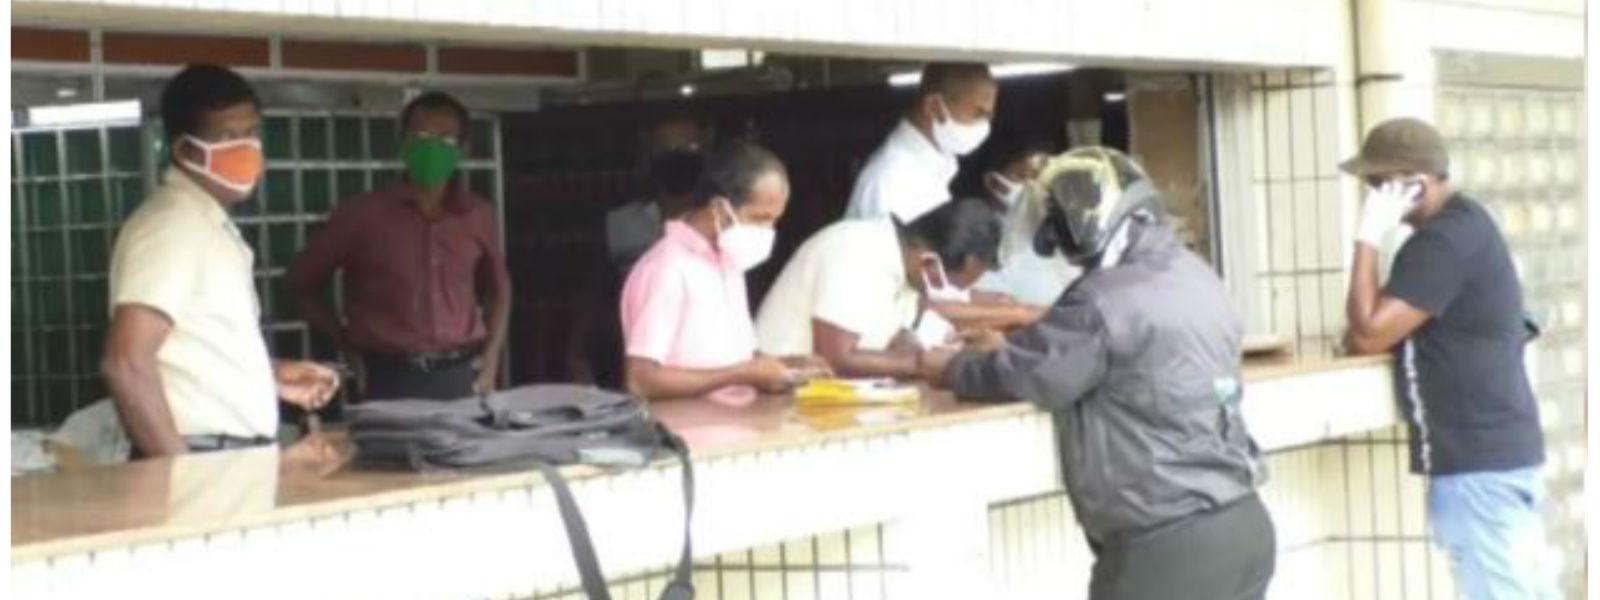 முகவரிகள் அழிந்த பொதிகள் தொடர்பான தகவல்களை வழங்க மலேசியா இணக்கம்